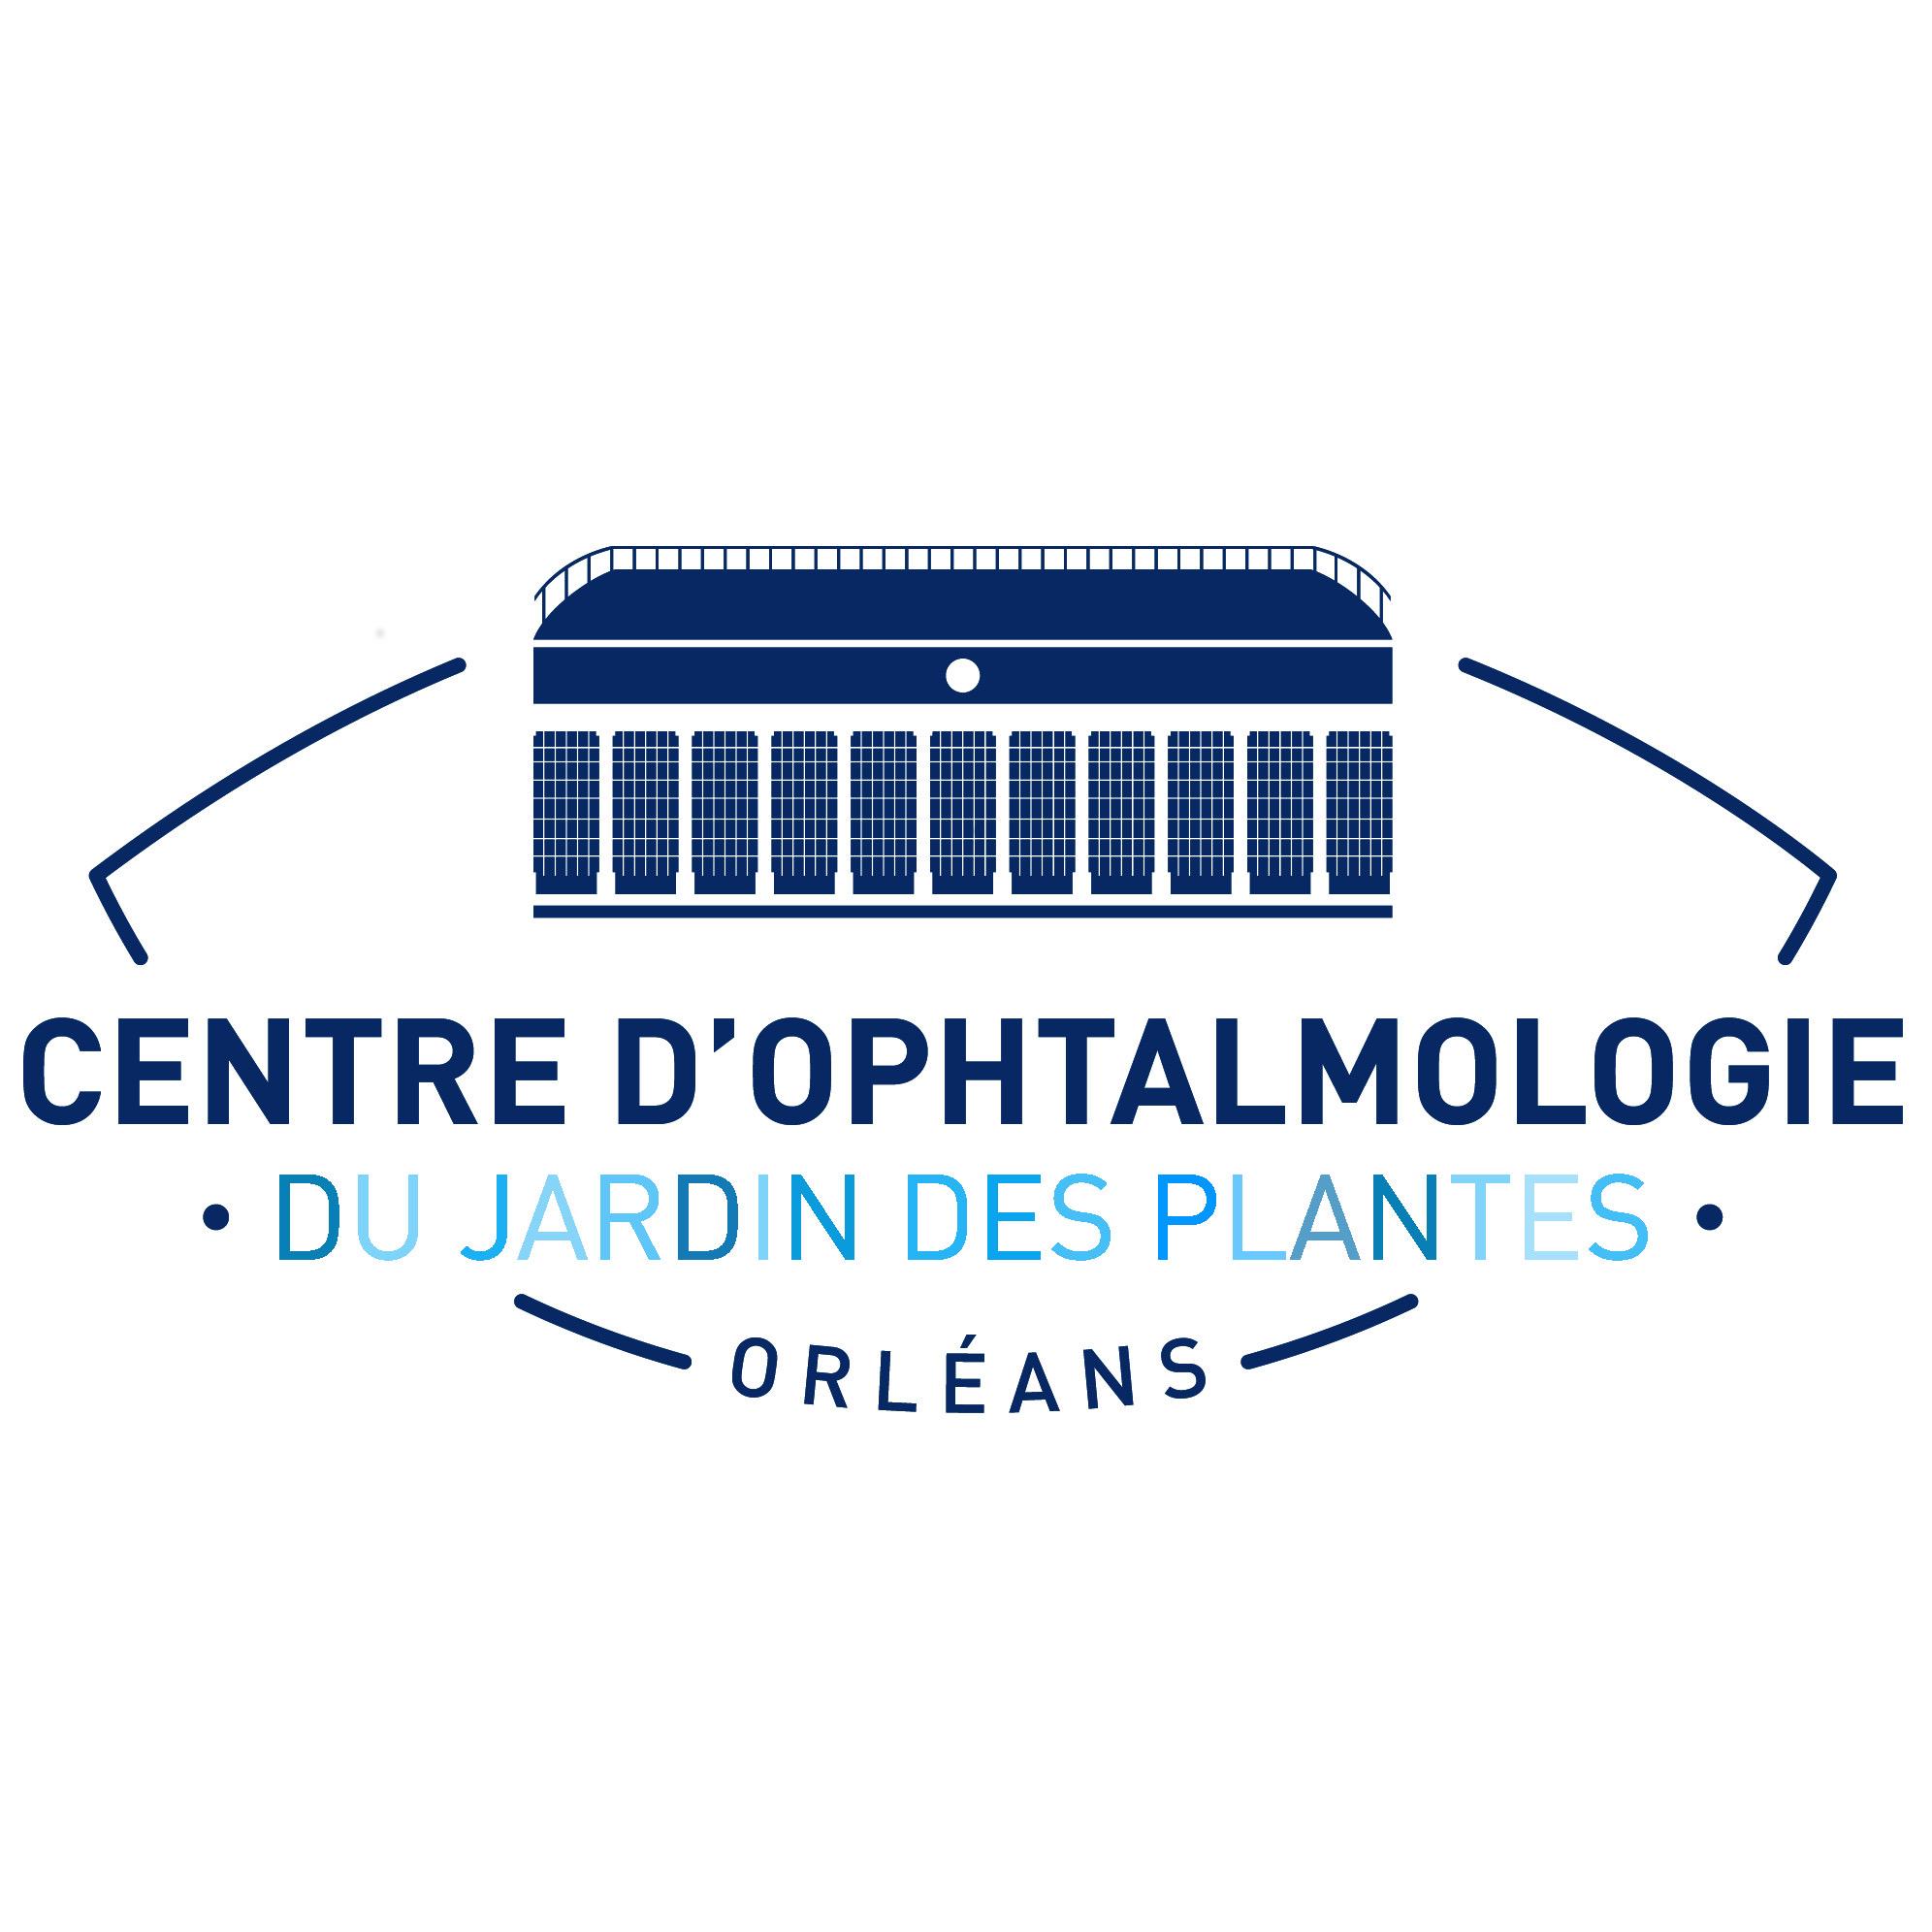 Centre d'Ophtalmologie du Jardin des Plantes à Orléans